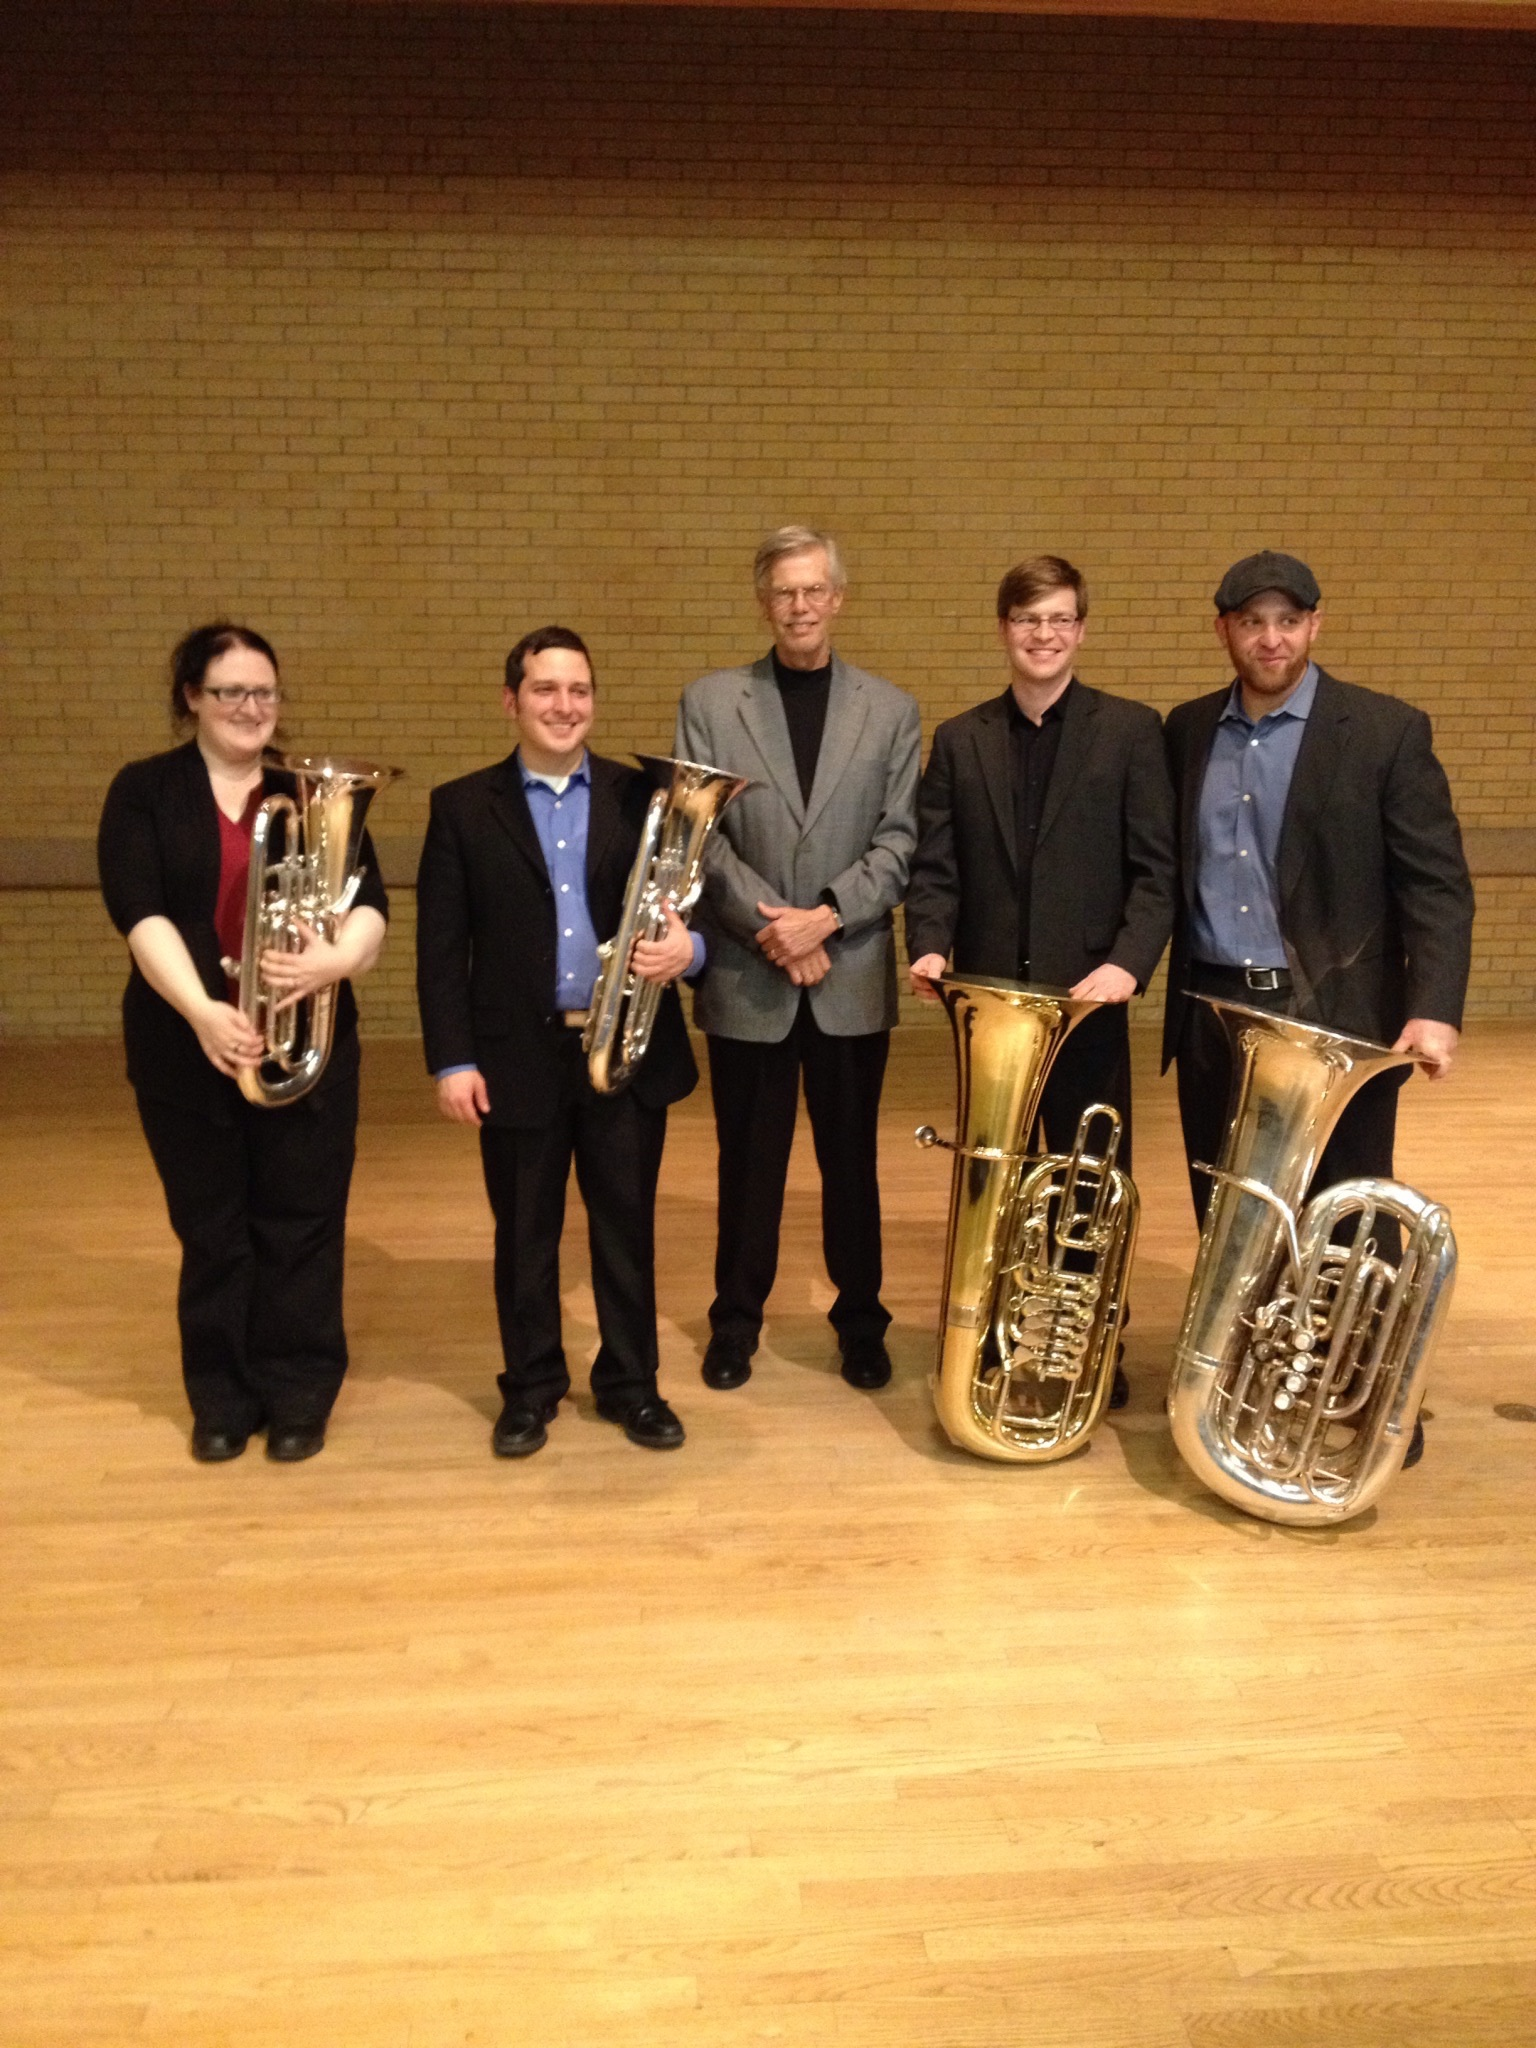 Founders Quartet with Don Little after our UNT performance. Jamie Lipton, Danny Chapa, Don Little, me, Steve Kunzer.